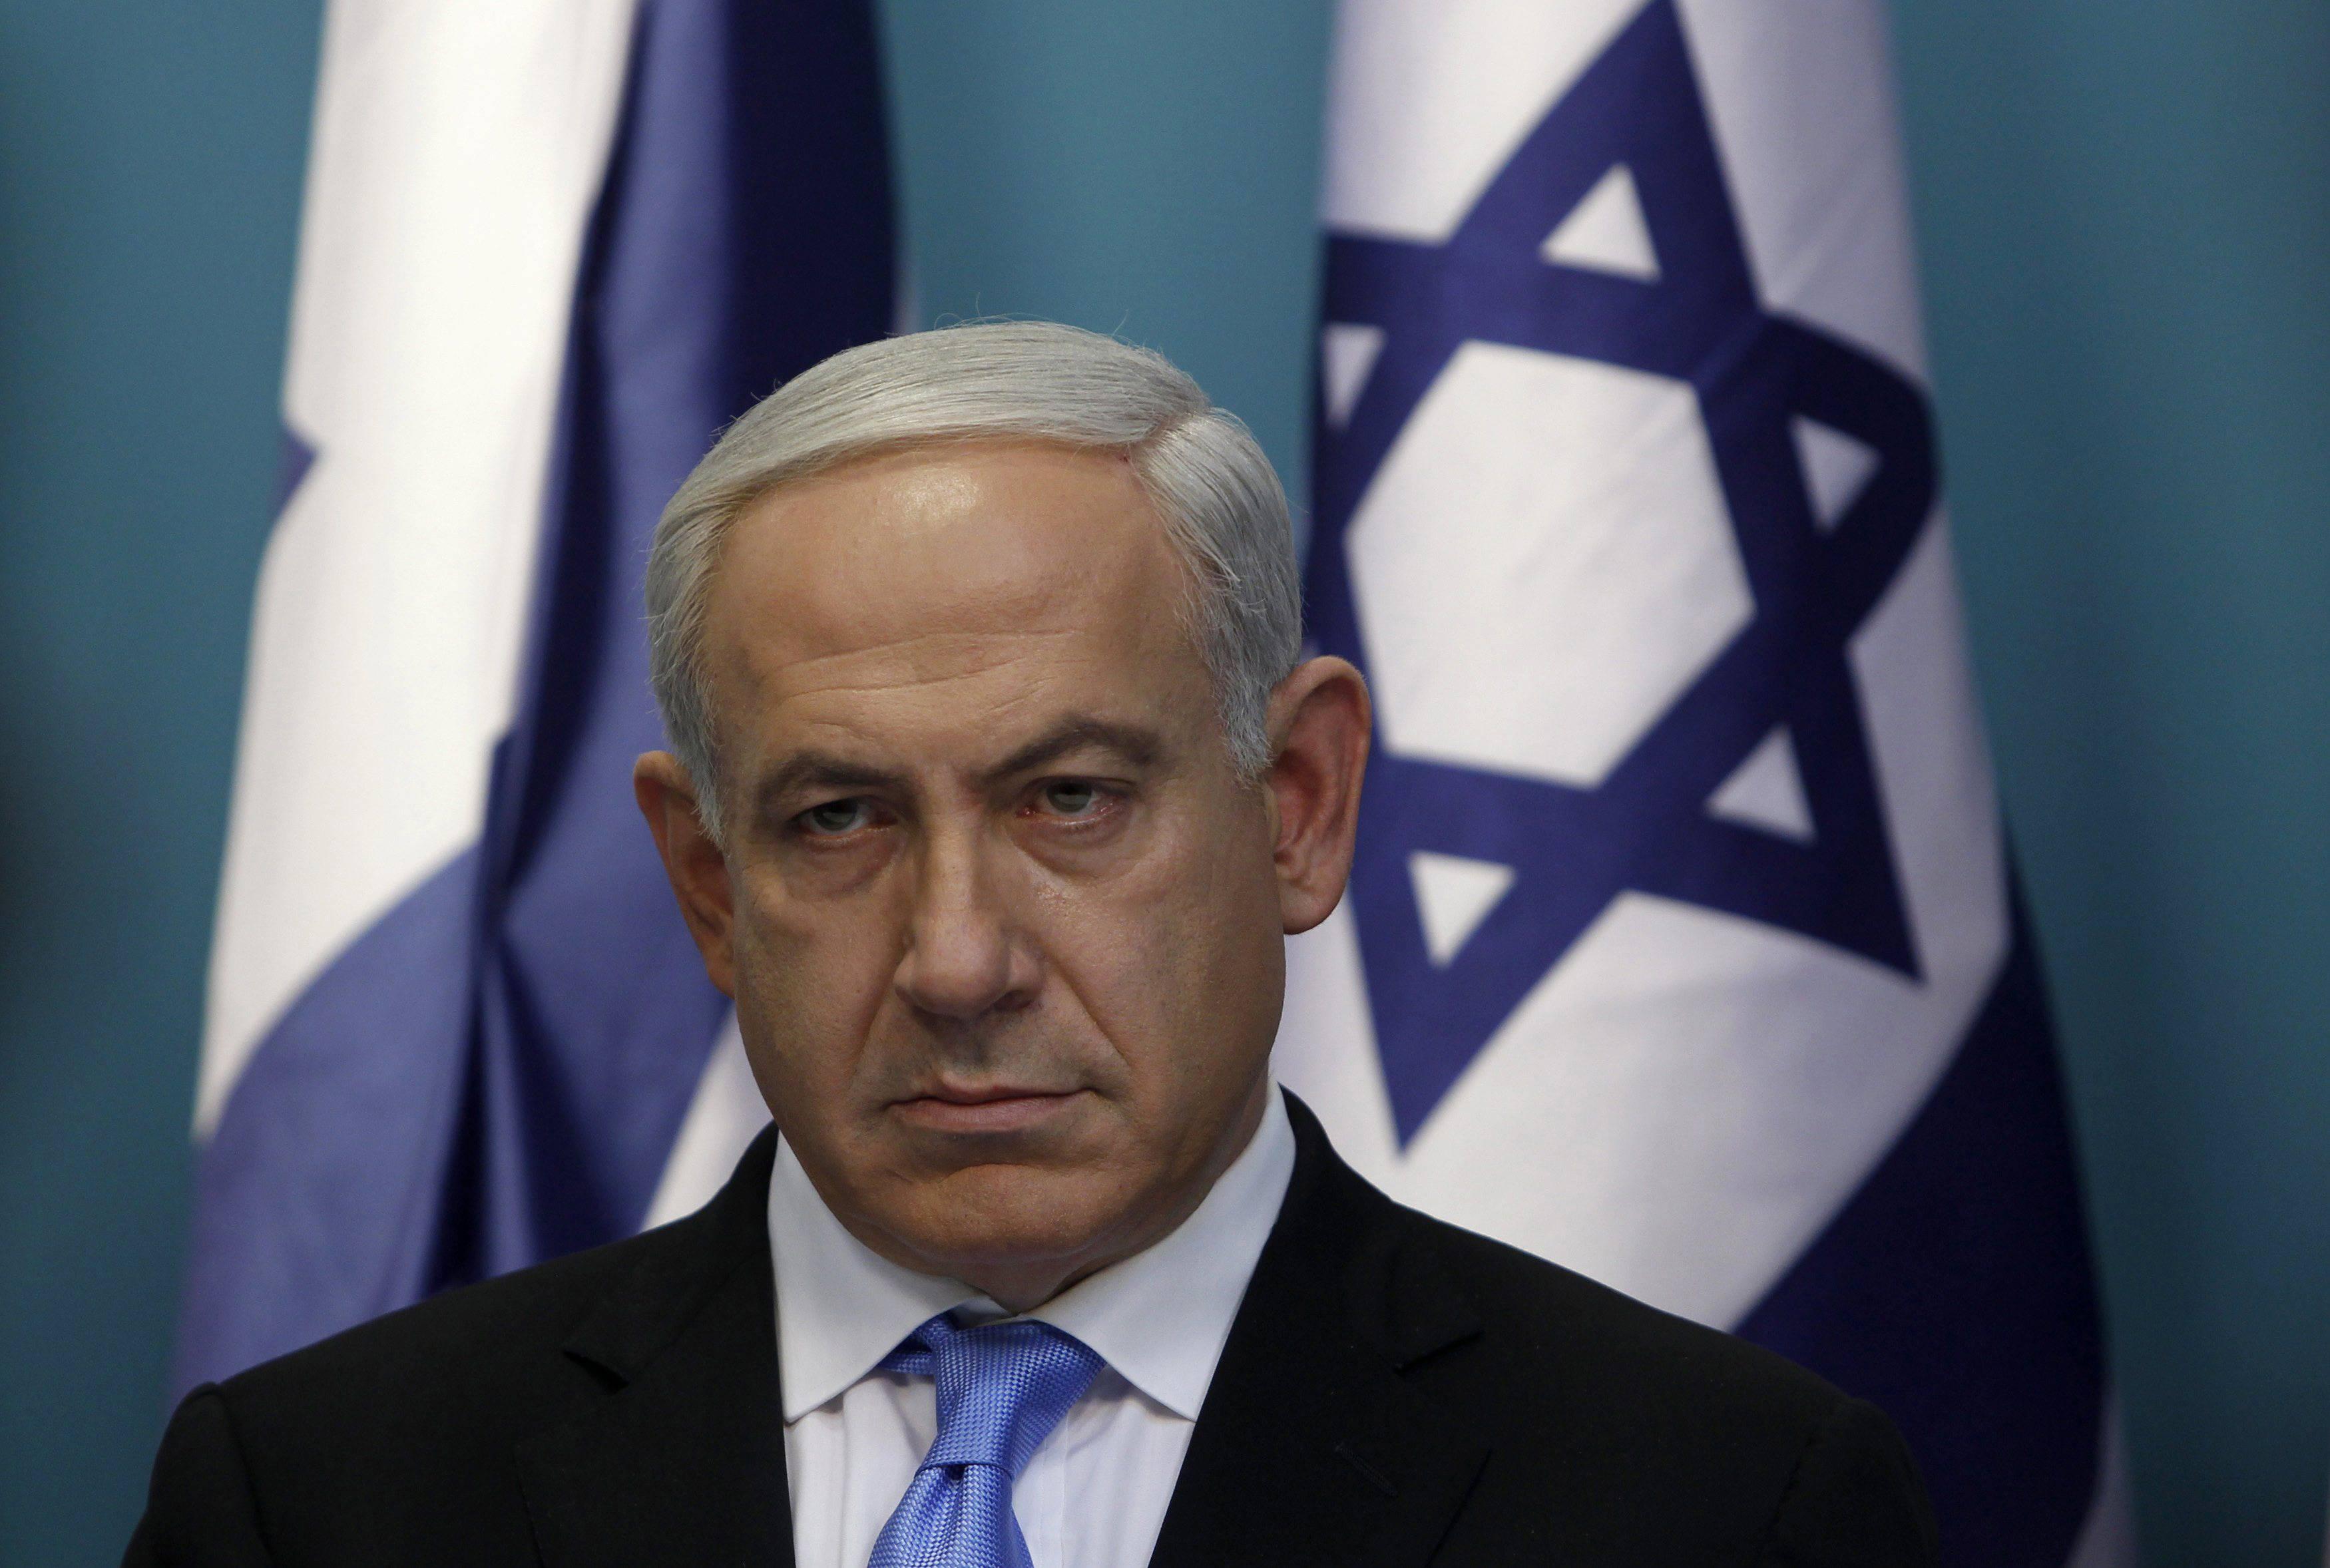 Israel: el Tribunal Supremo permite a Netanyahu formar gobierno, pese a sus imputaciones por corrupción